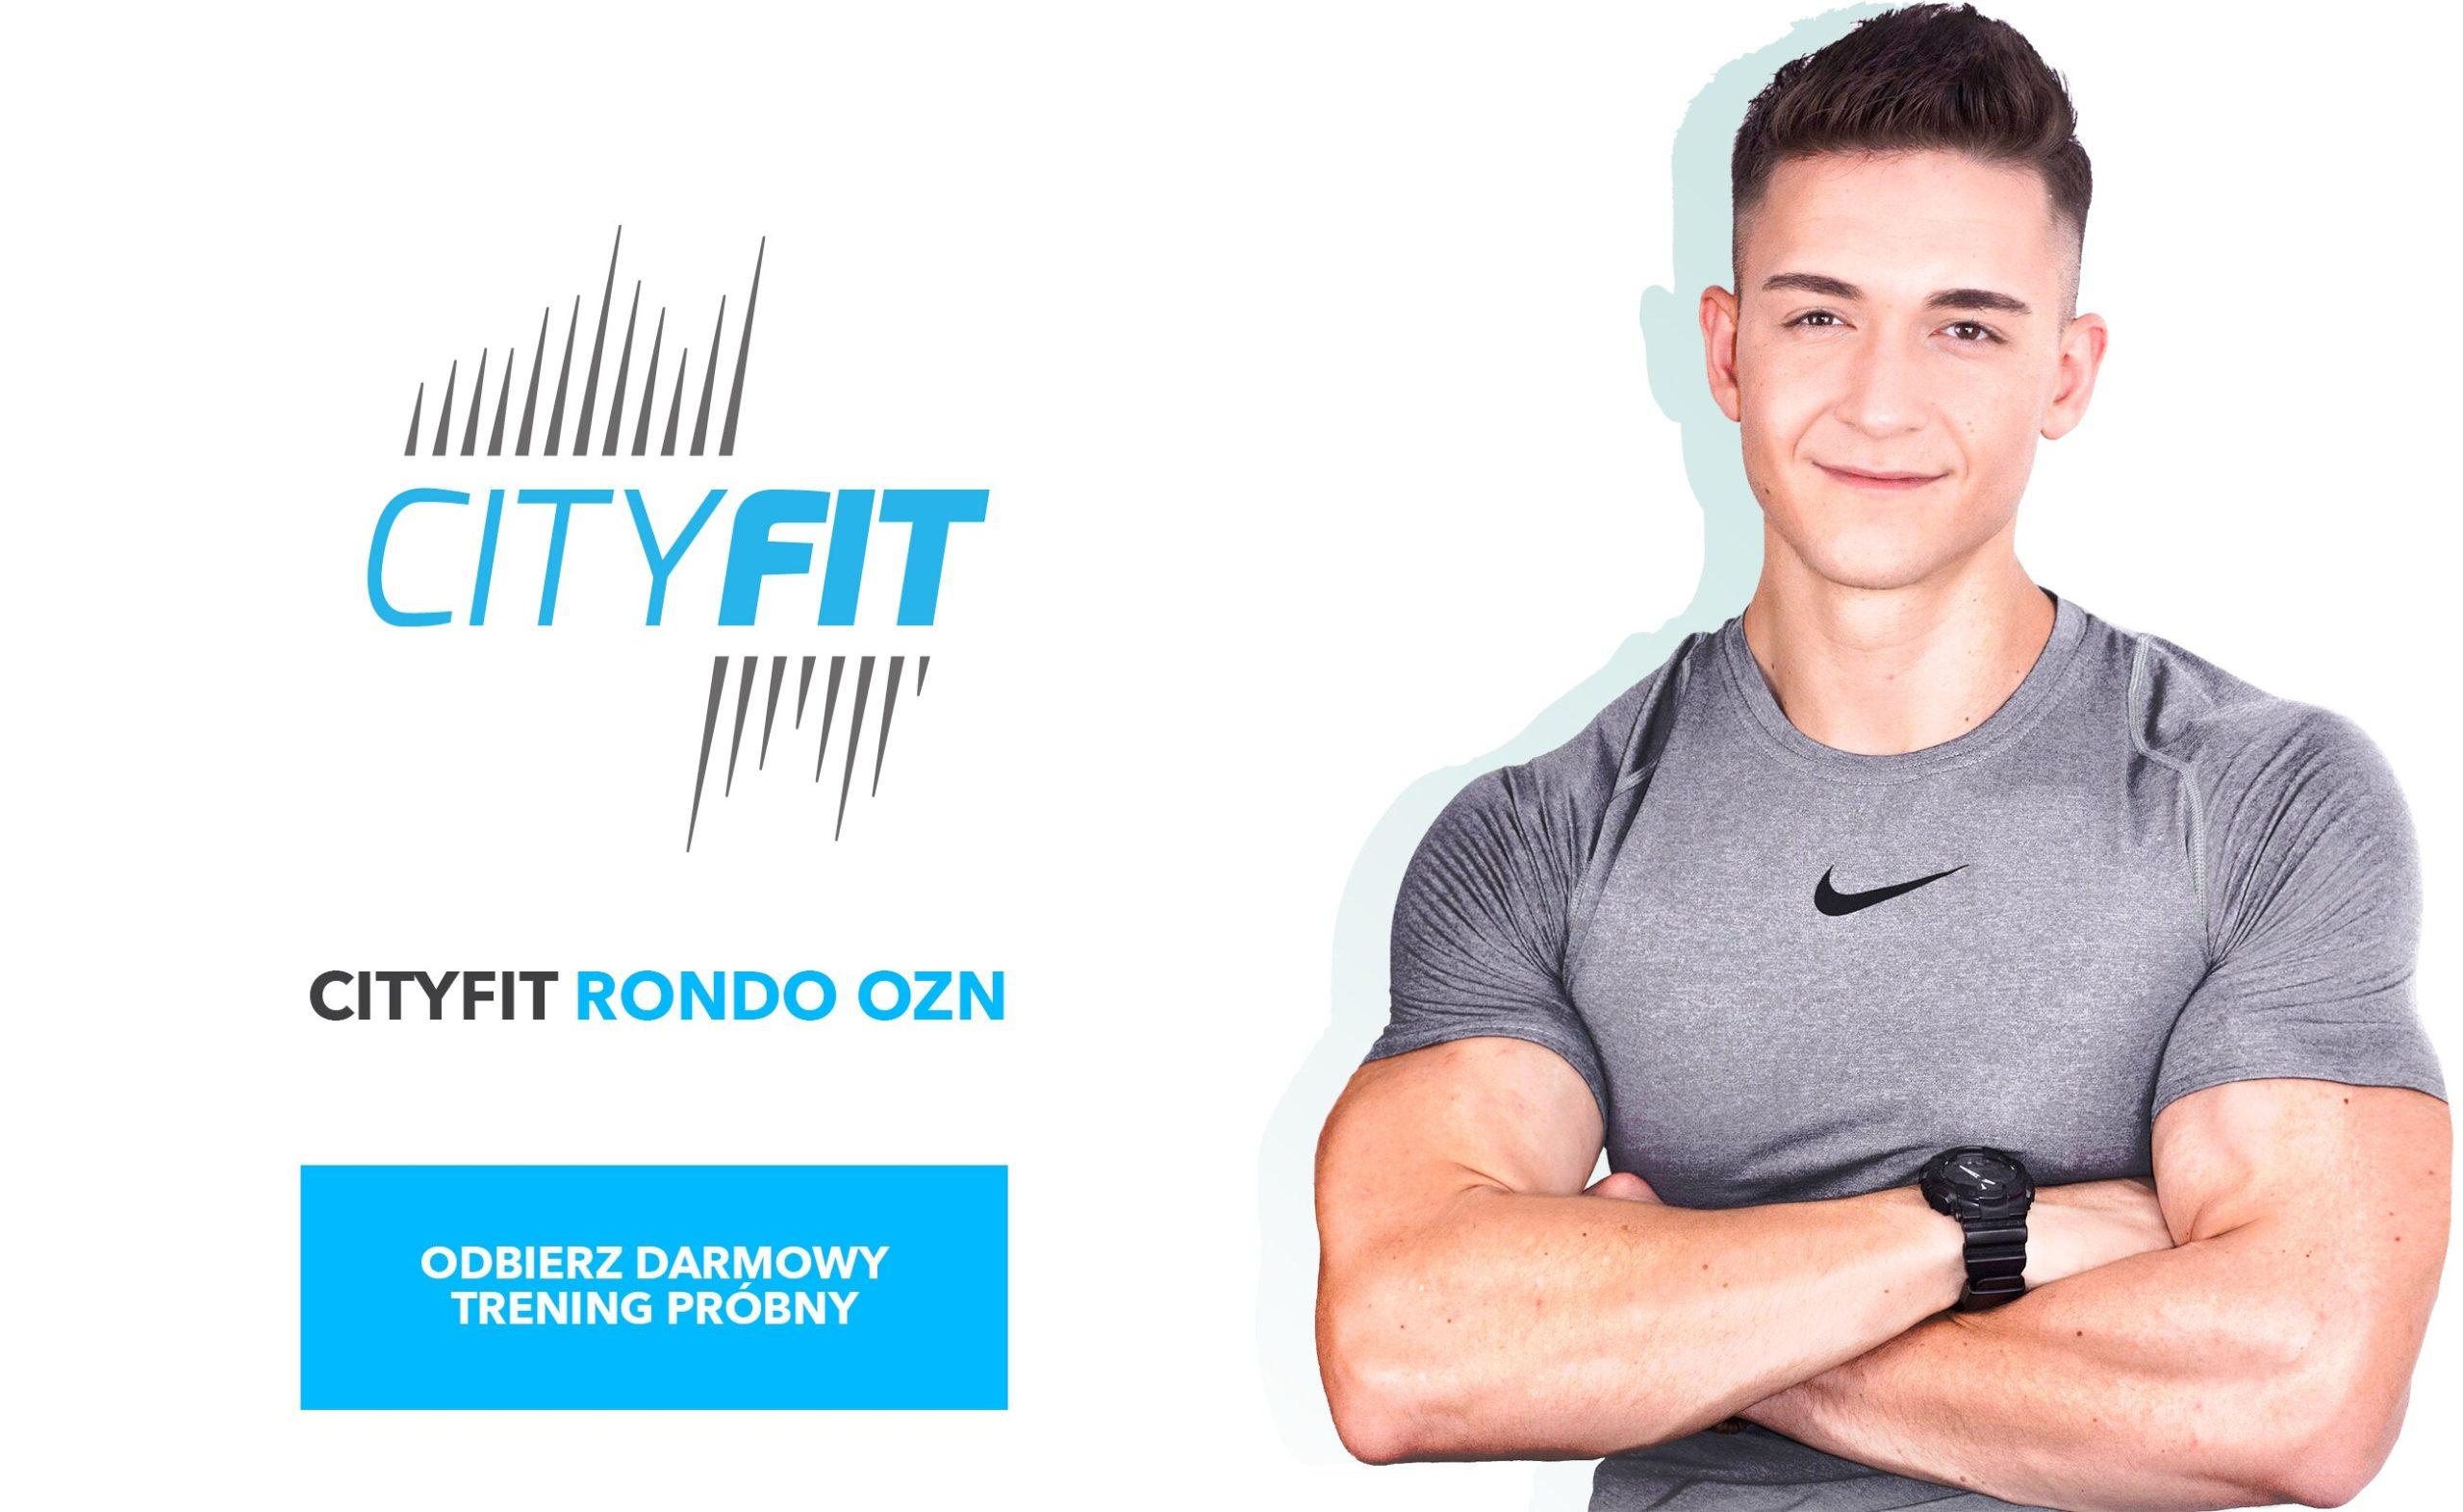 próbny trening personalny w Cityfit Rondo ONZ